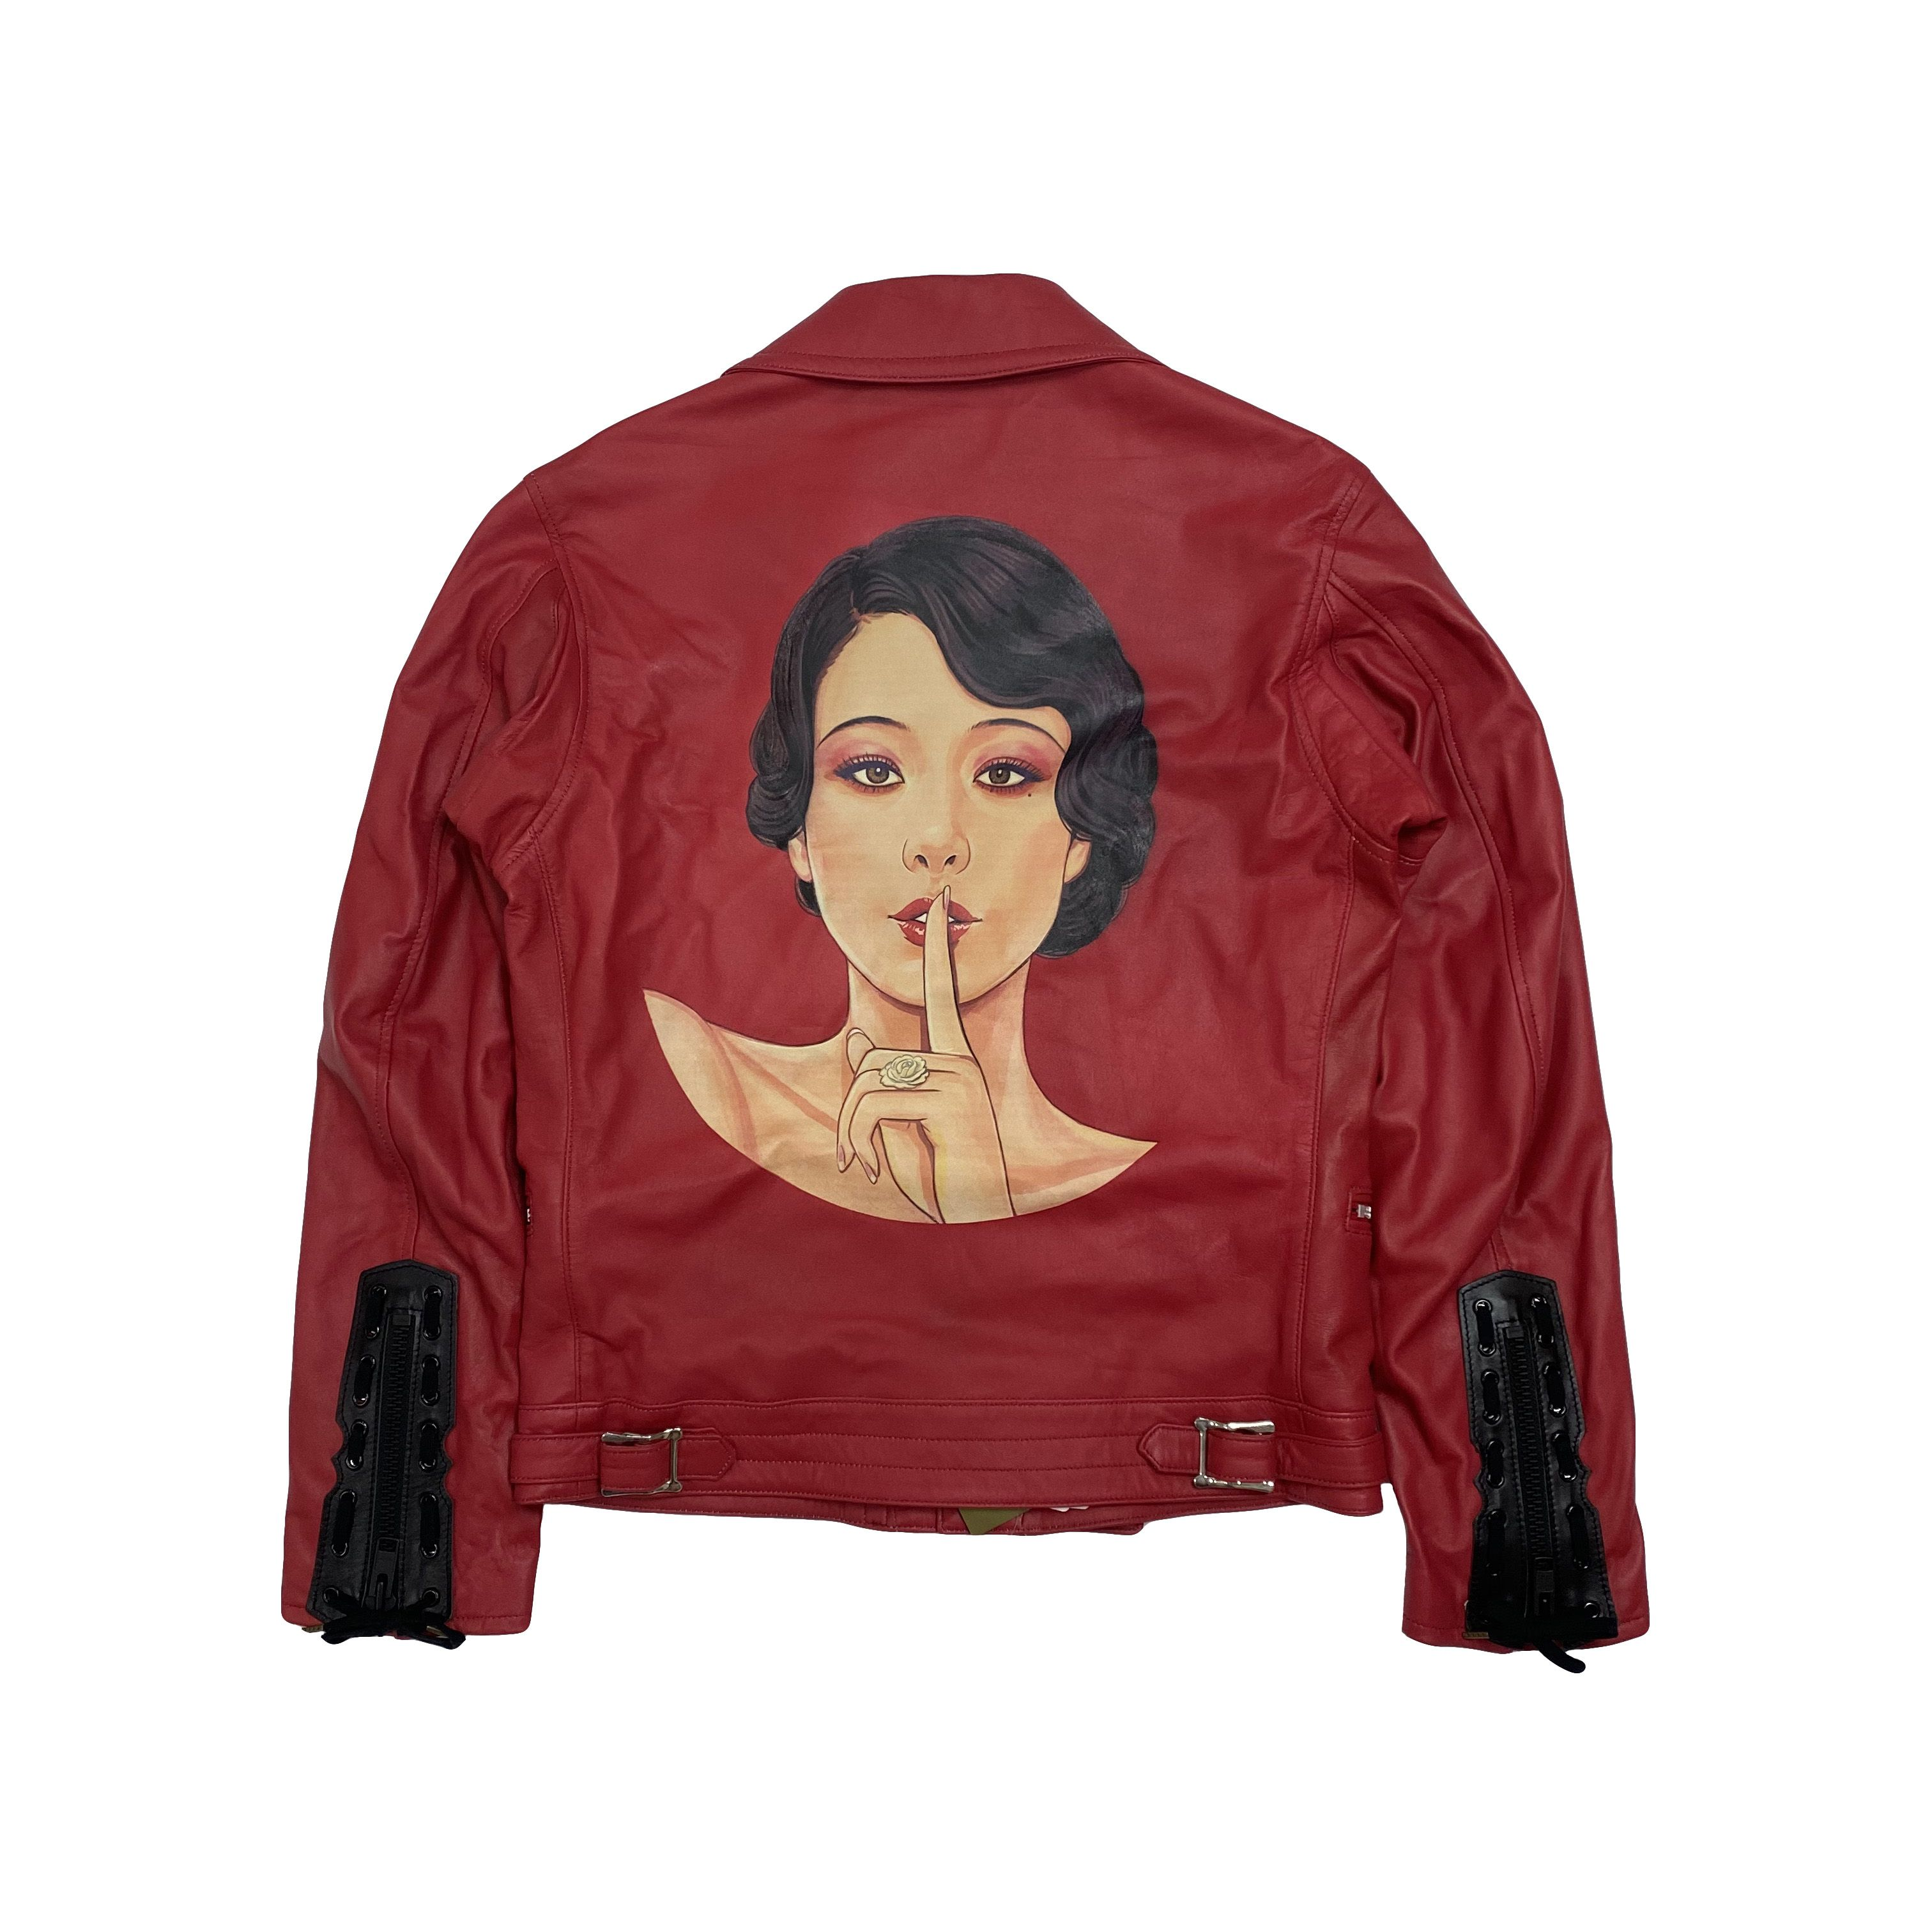 Yohji Yamamoto S S 2018 Painted Woman Leather Jacket Leather Jackets Women Jackets Leather Women [ 3024 x 3024 Pixel ]